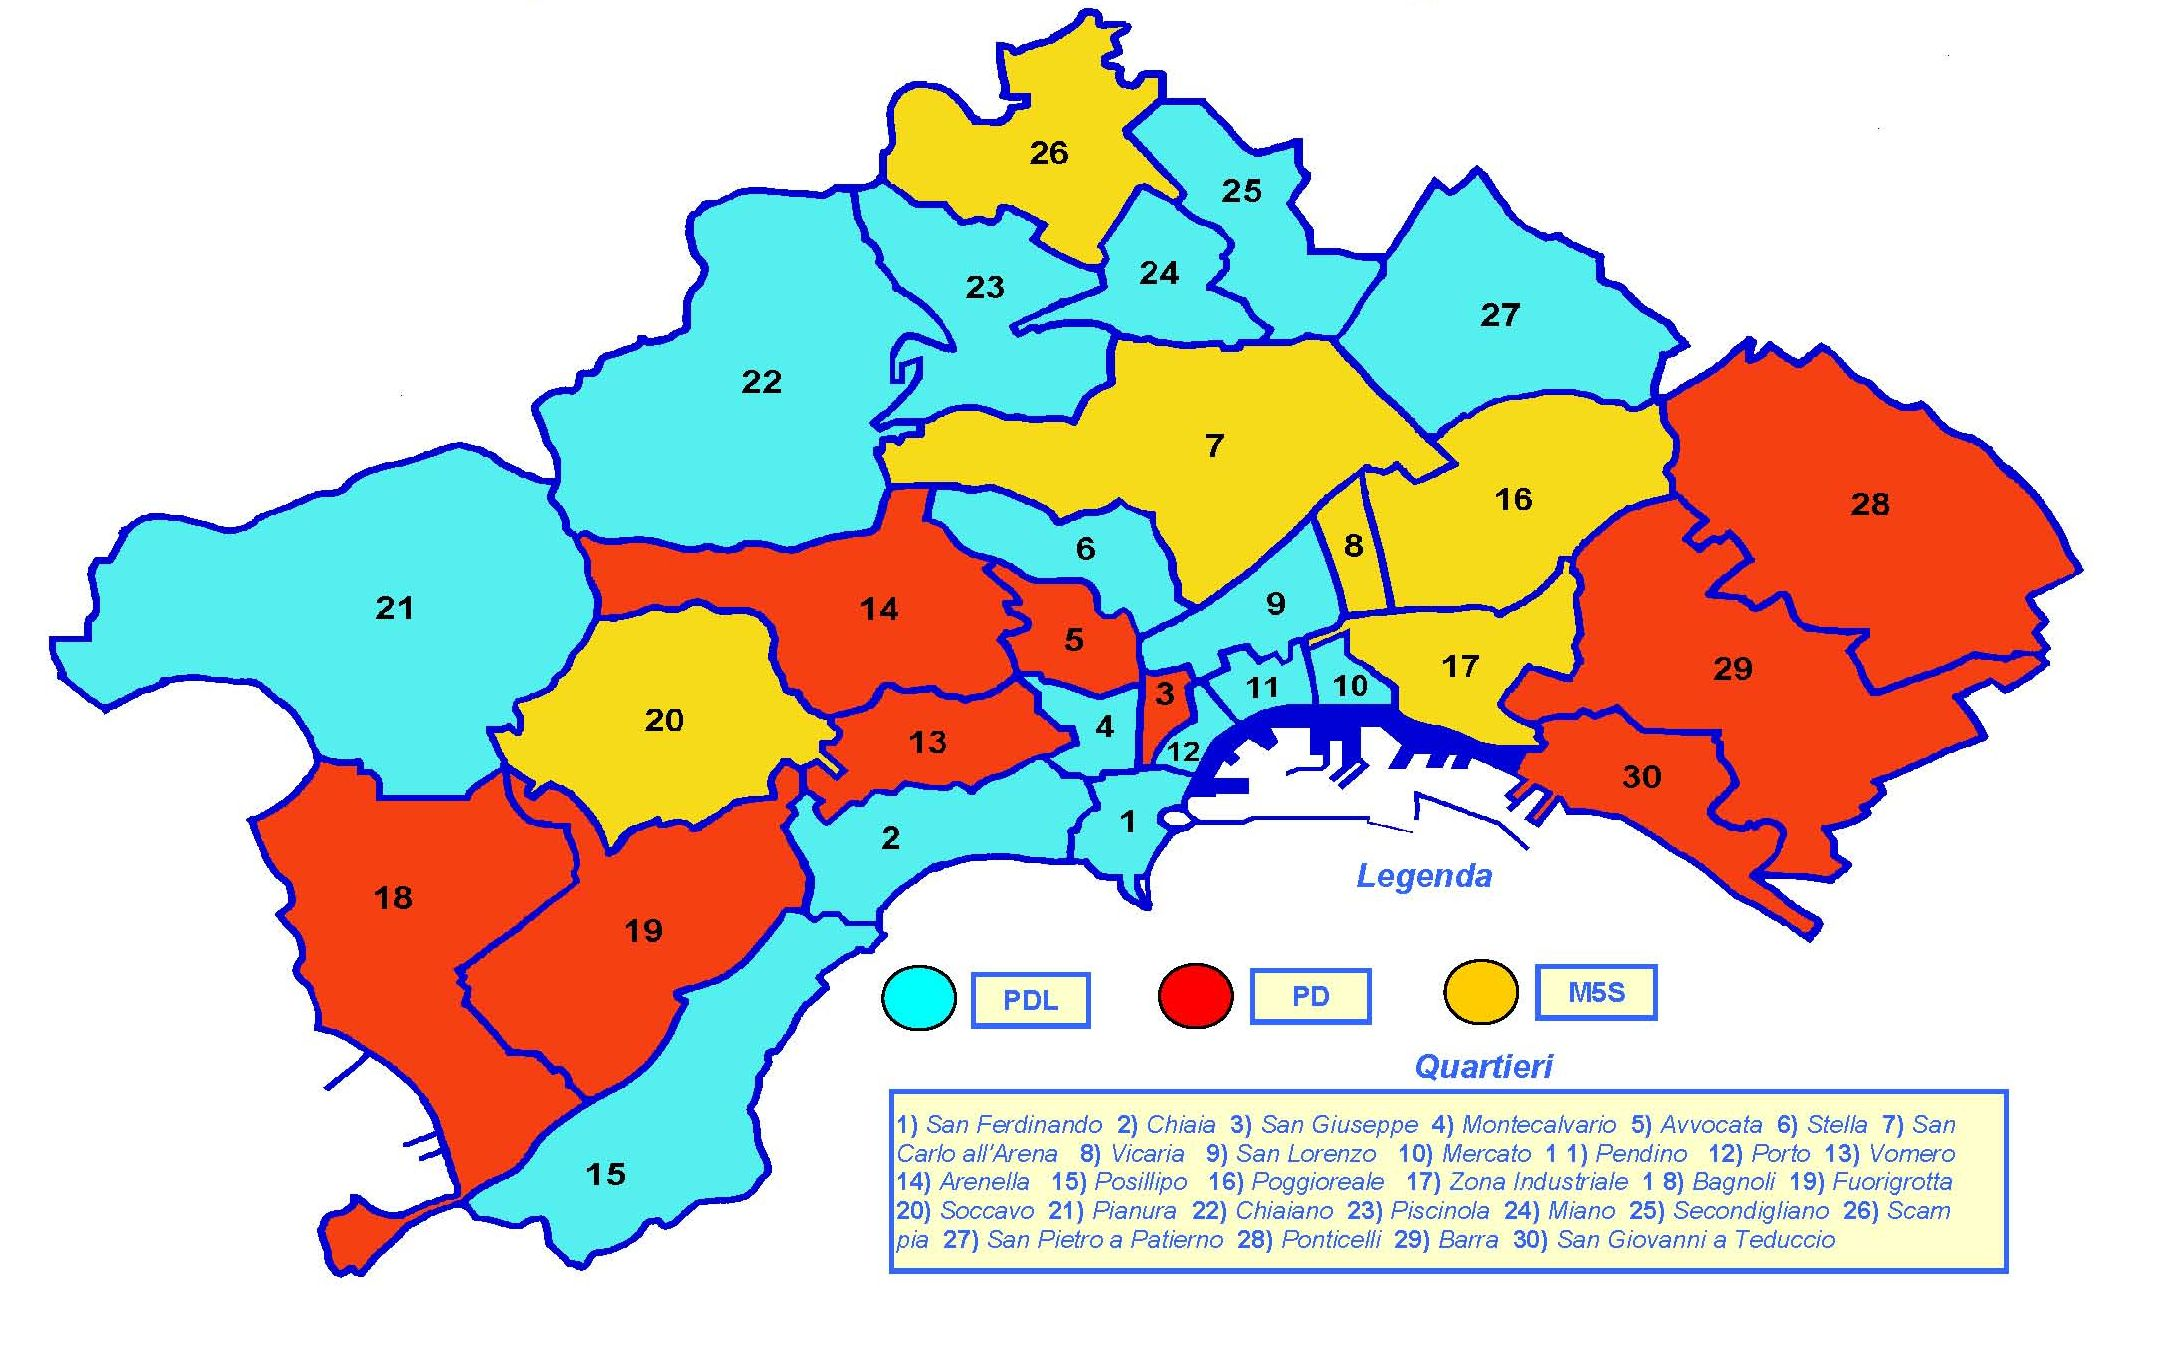 Cartina Geografica Napoli E Dintorni.Mappa Napoli Tutto L Occorrente Per Orientarsi A Napoli Turista Fai Da Te